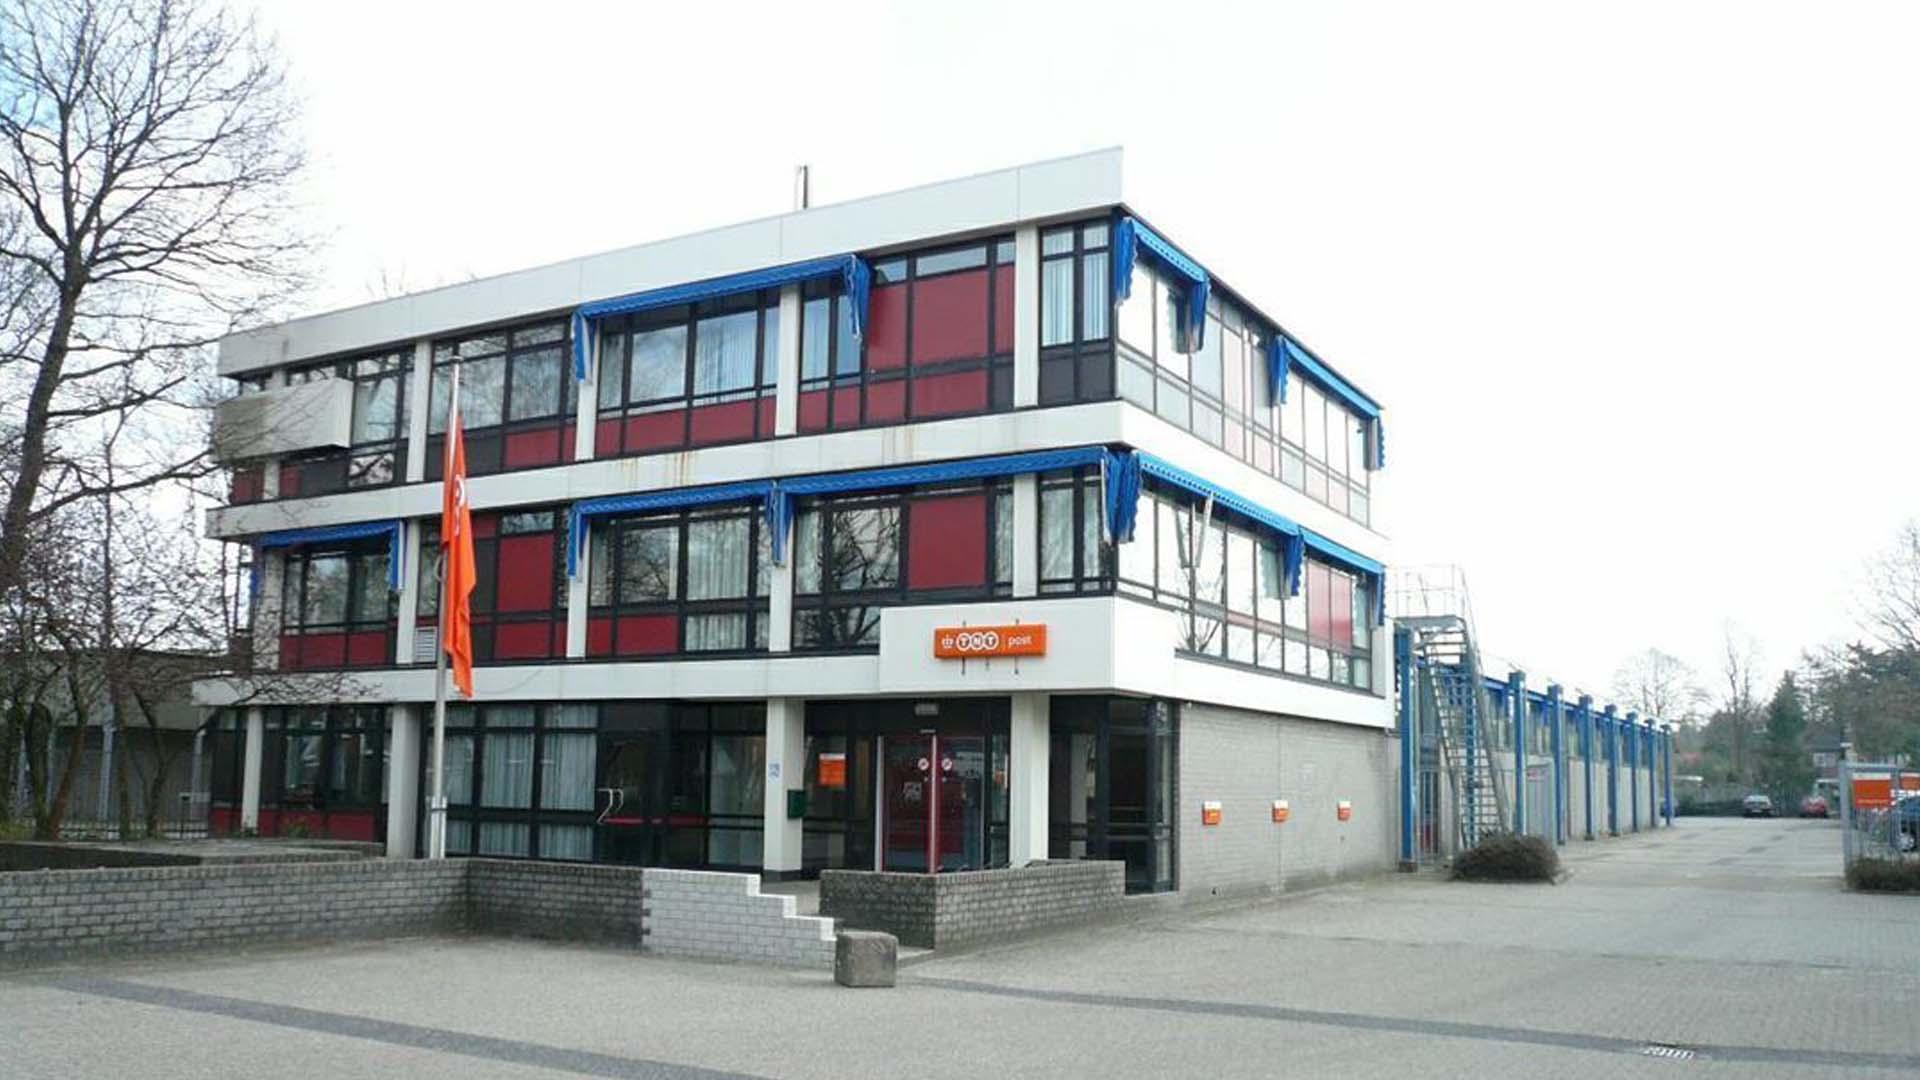 17068_Leger des Heils Weerdingerstraat Emmen_05 (2)